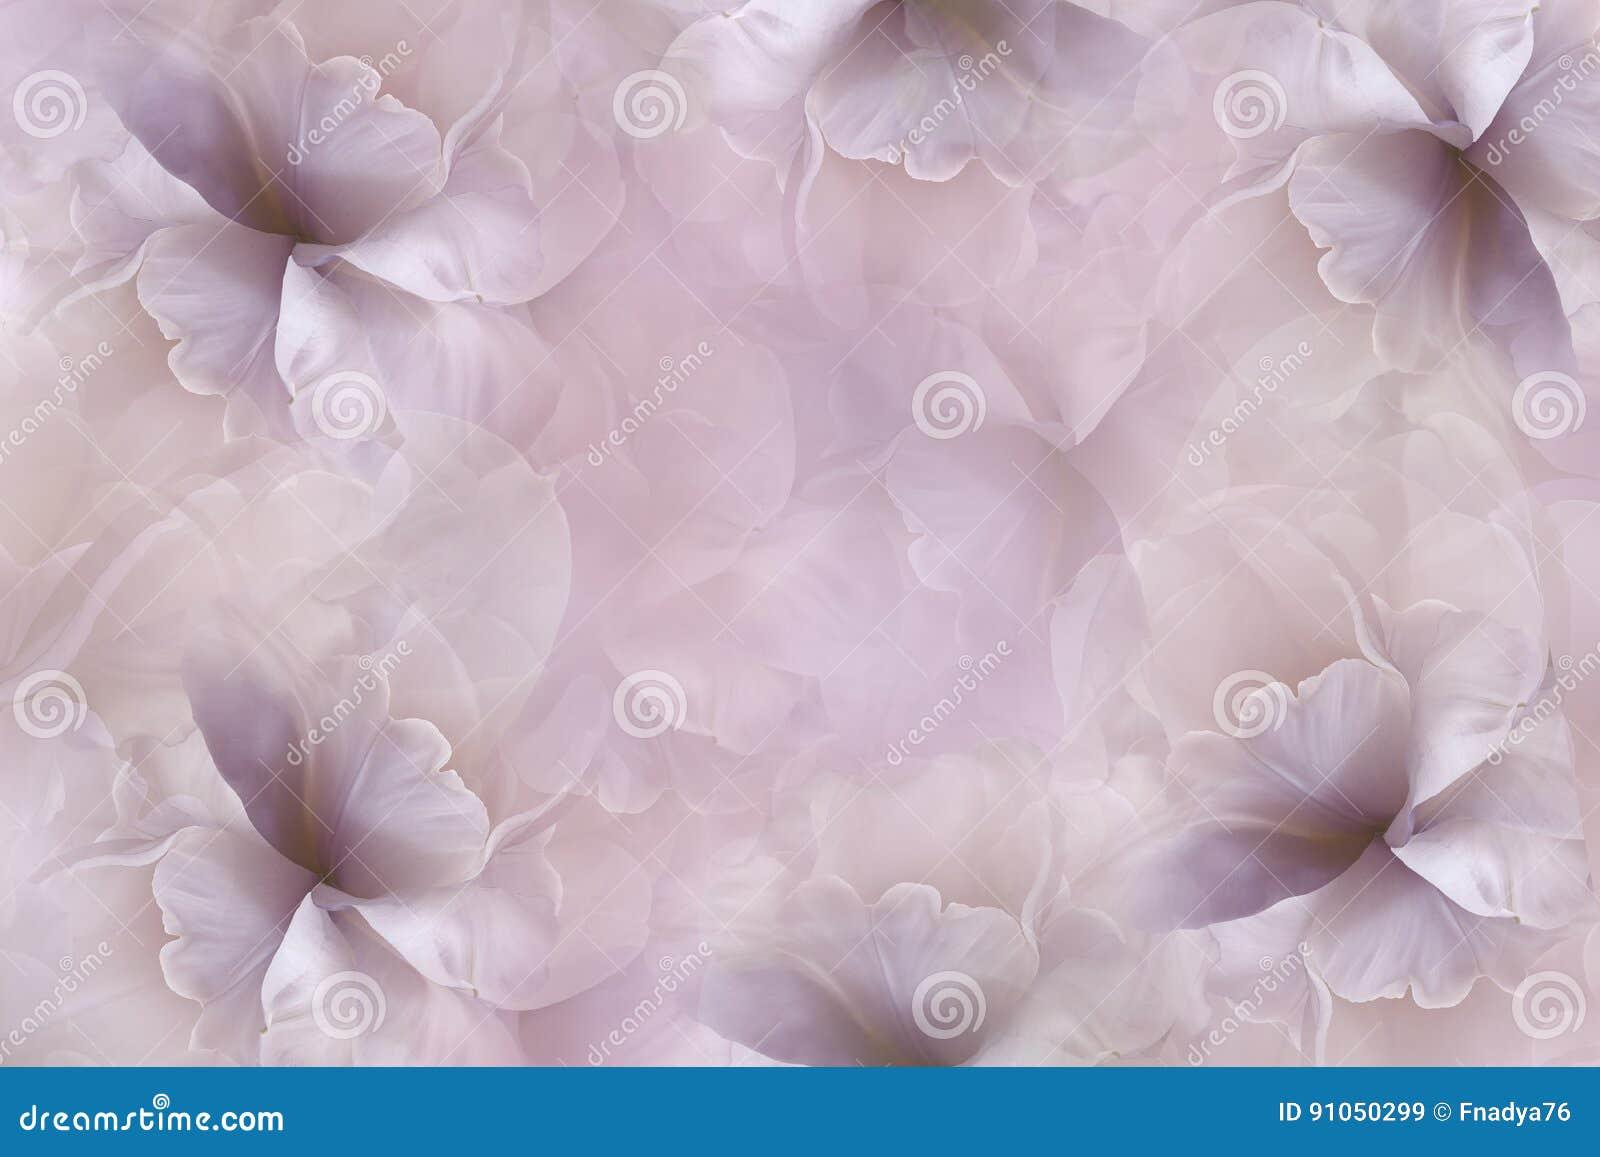 开花桃红色紫罗兰色背景 紫色白的大瓣花郁金香 花卉拼贴画 背景构成旋花植物空白花的郁金香